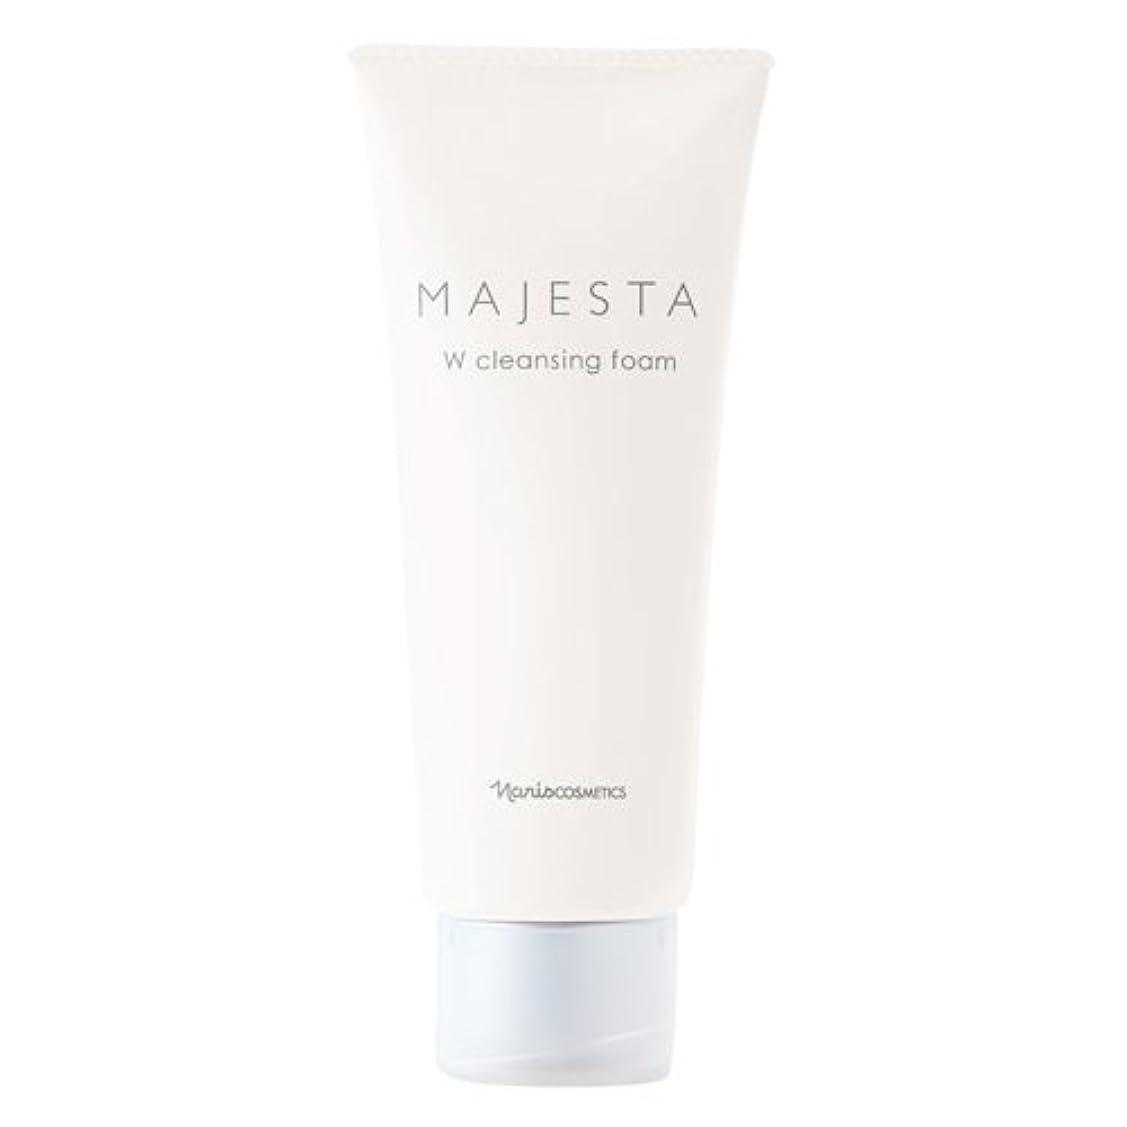 有益なマットレスシロナガスクジラナリス化粧品 マジェスタ Wクレンジング フォーム(クレンジング?洗顔料) 100g